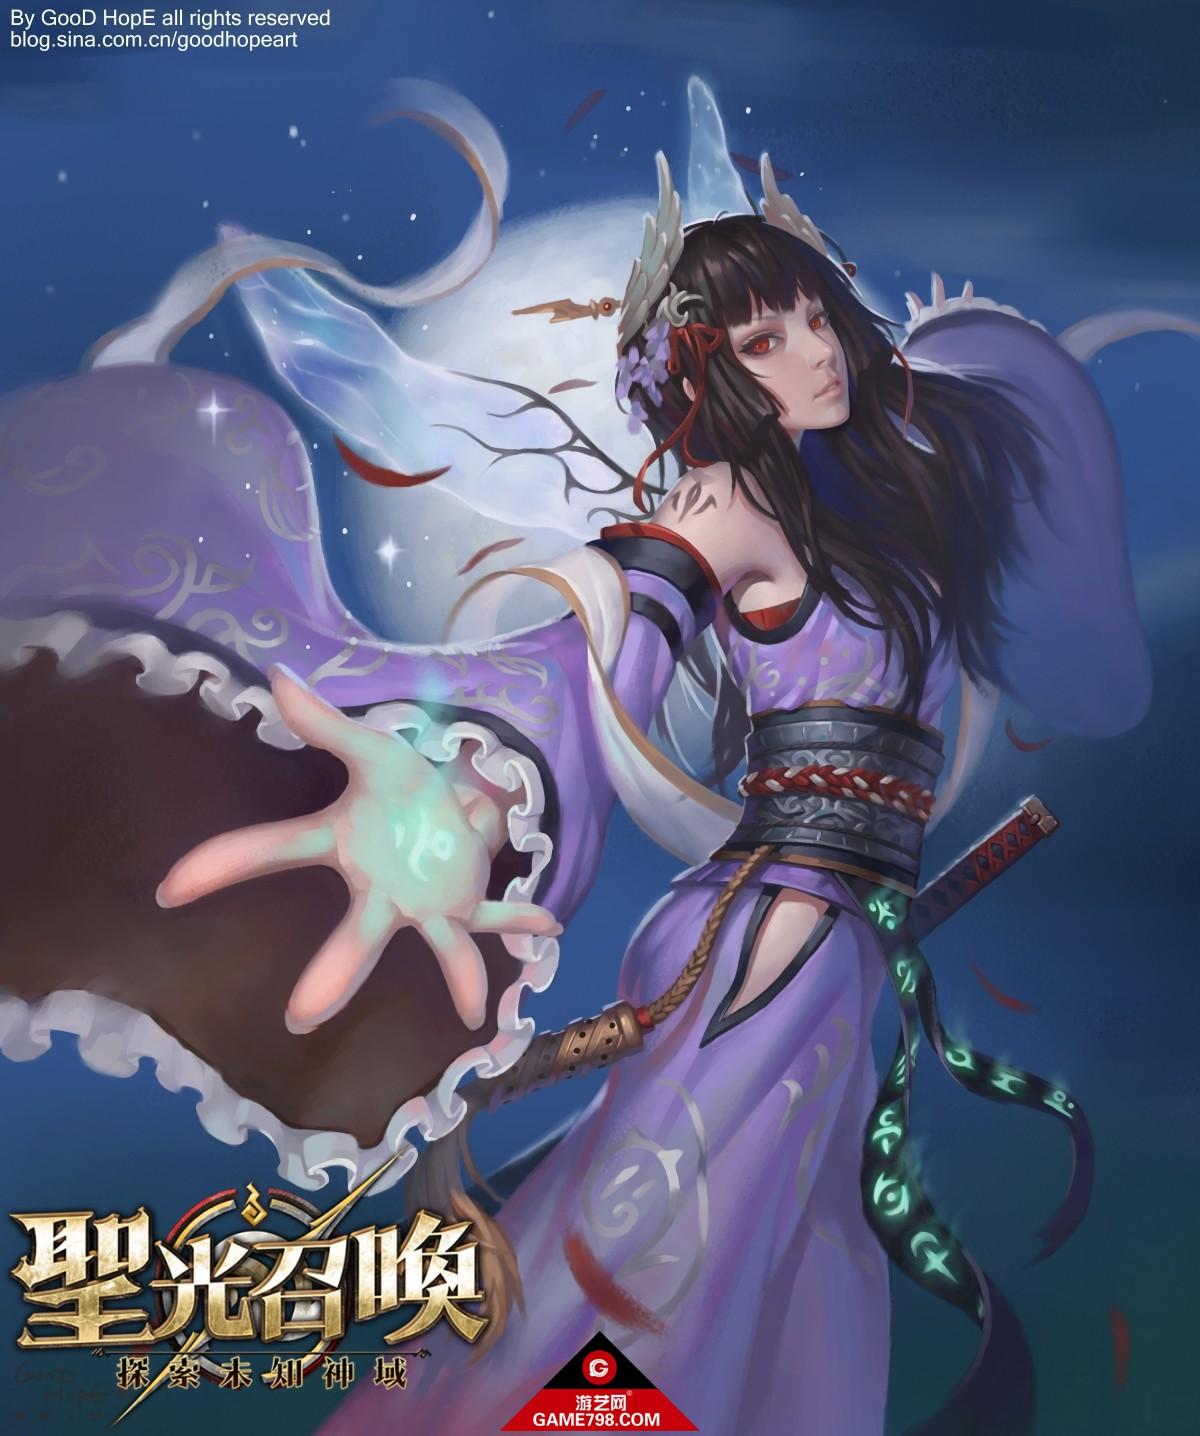 台湾晶绮《圣光召唤》游戏宣传画——月读神.JPG